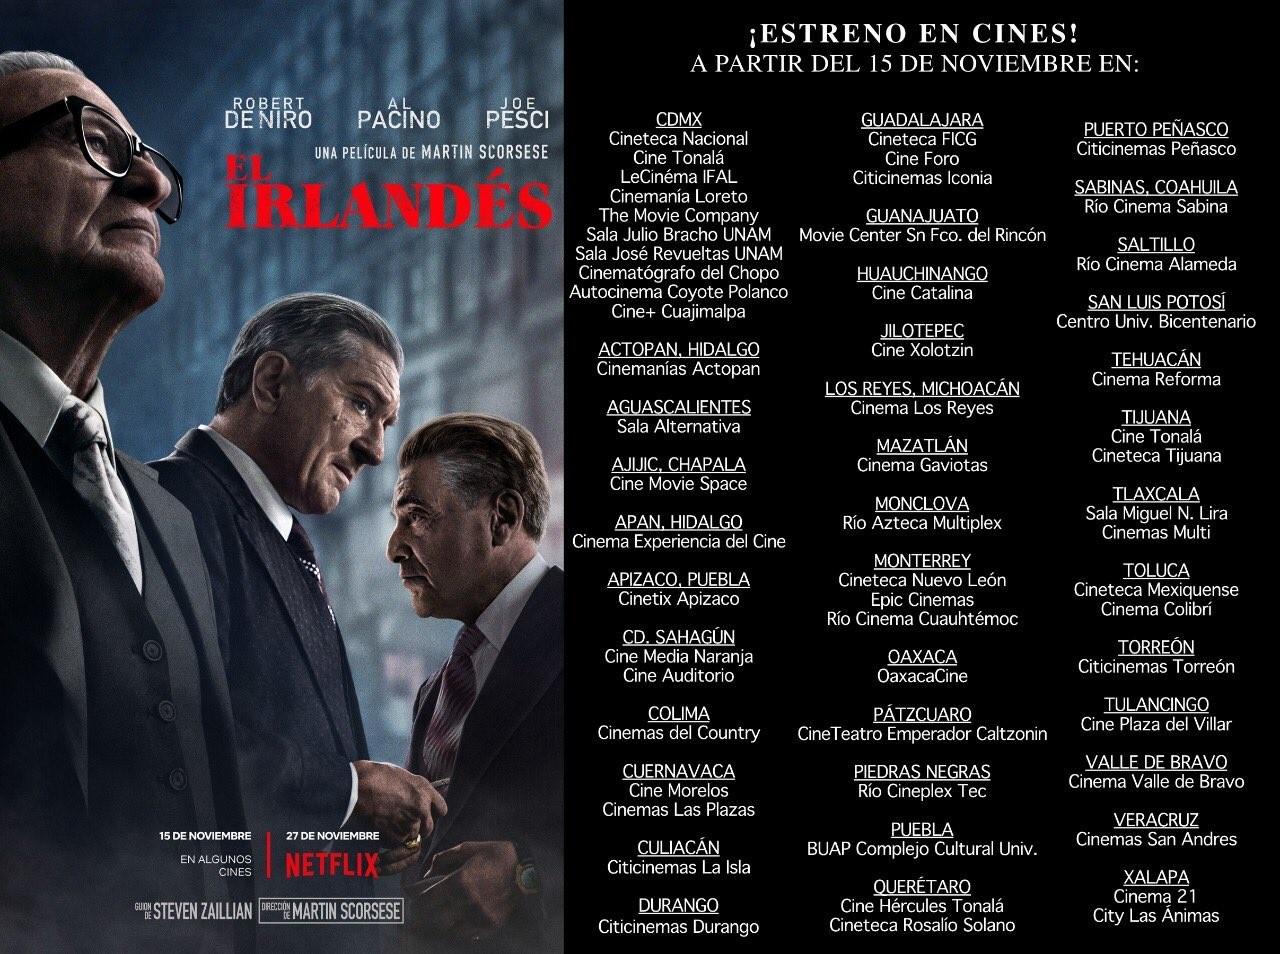 La lista completa de los cines en donde podrás ver The Irishman